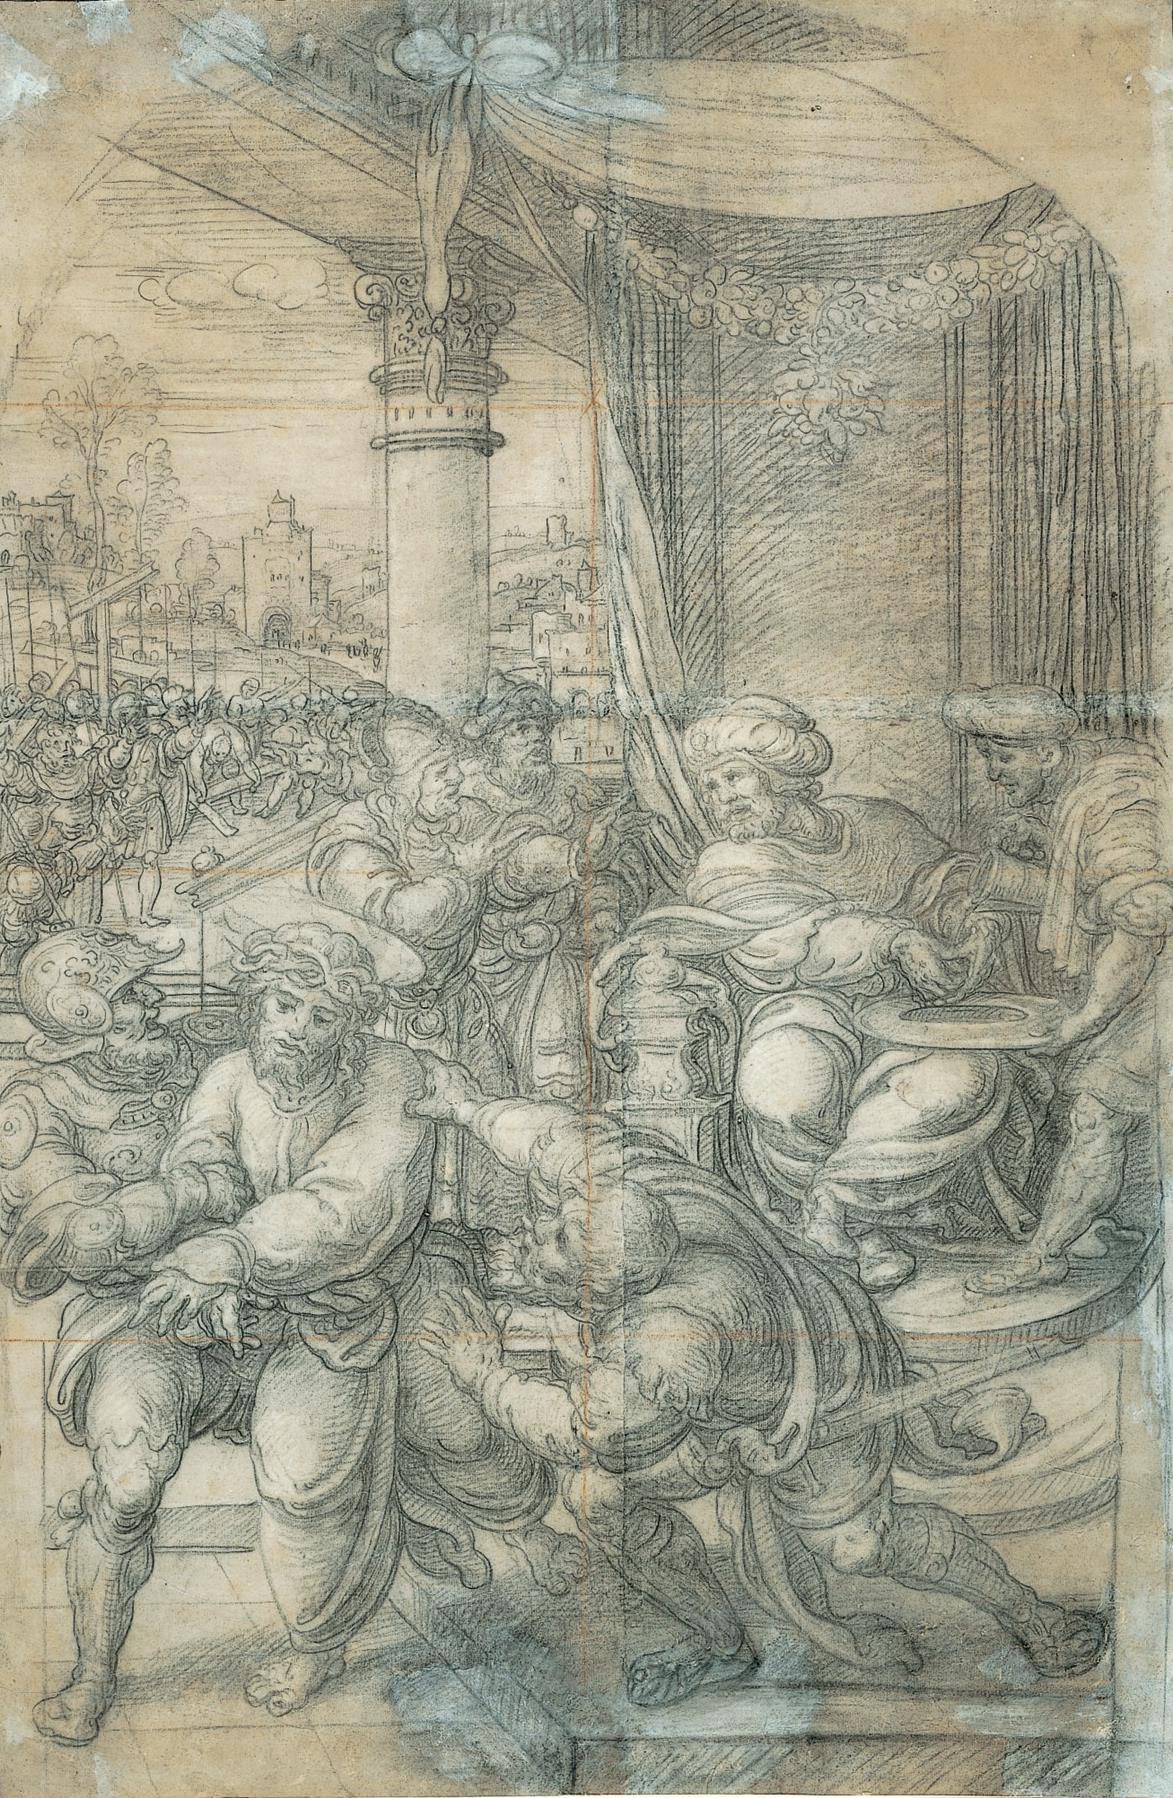 Bernart Van Orley. Pilate washes his hands